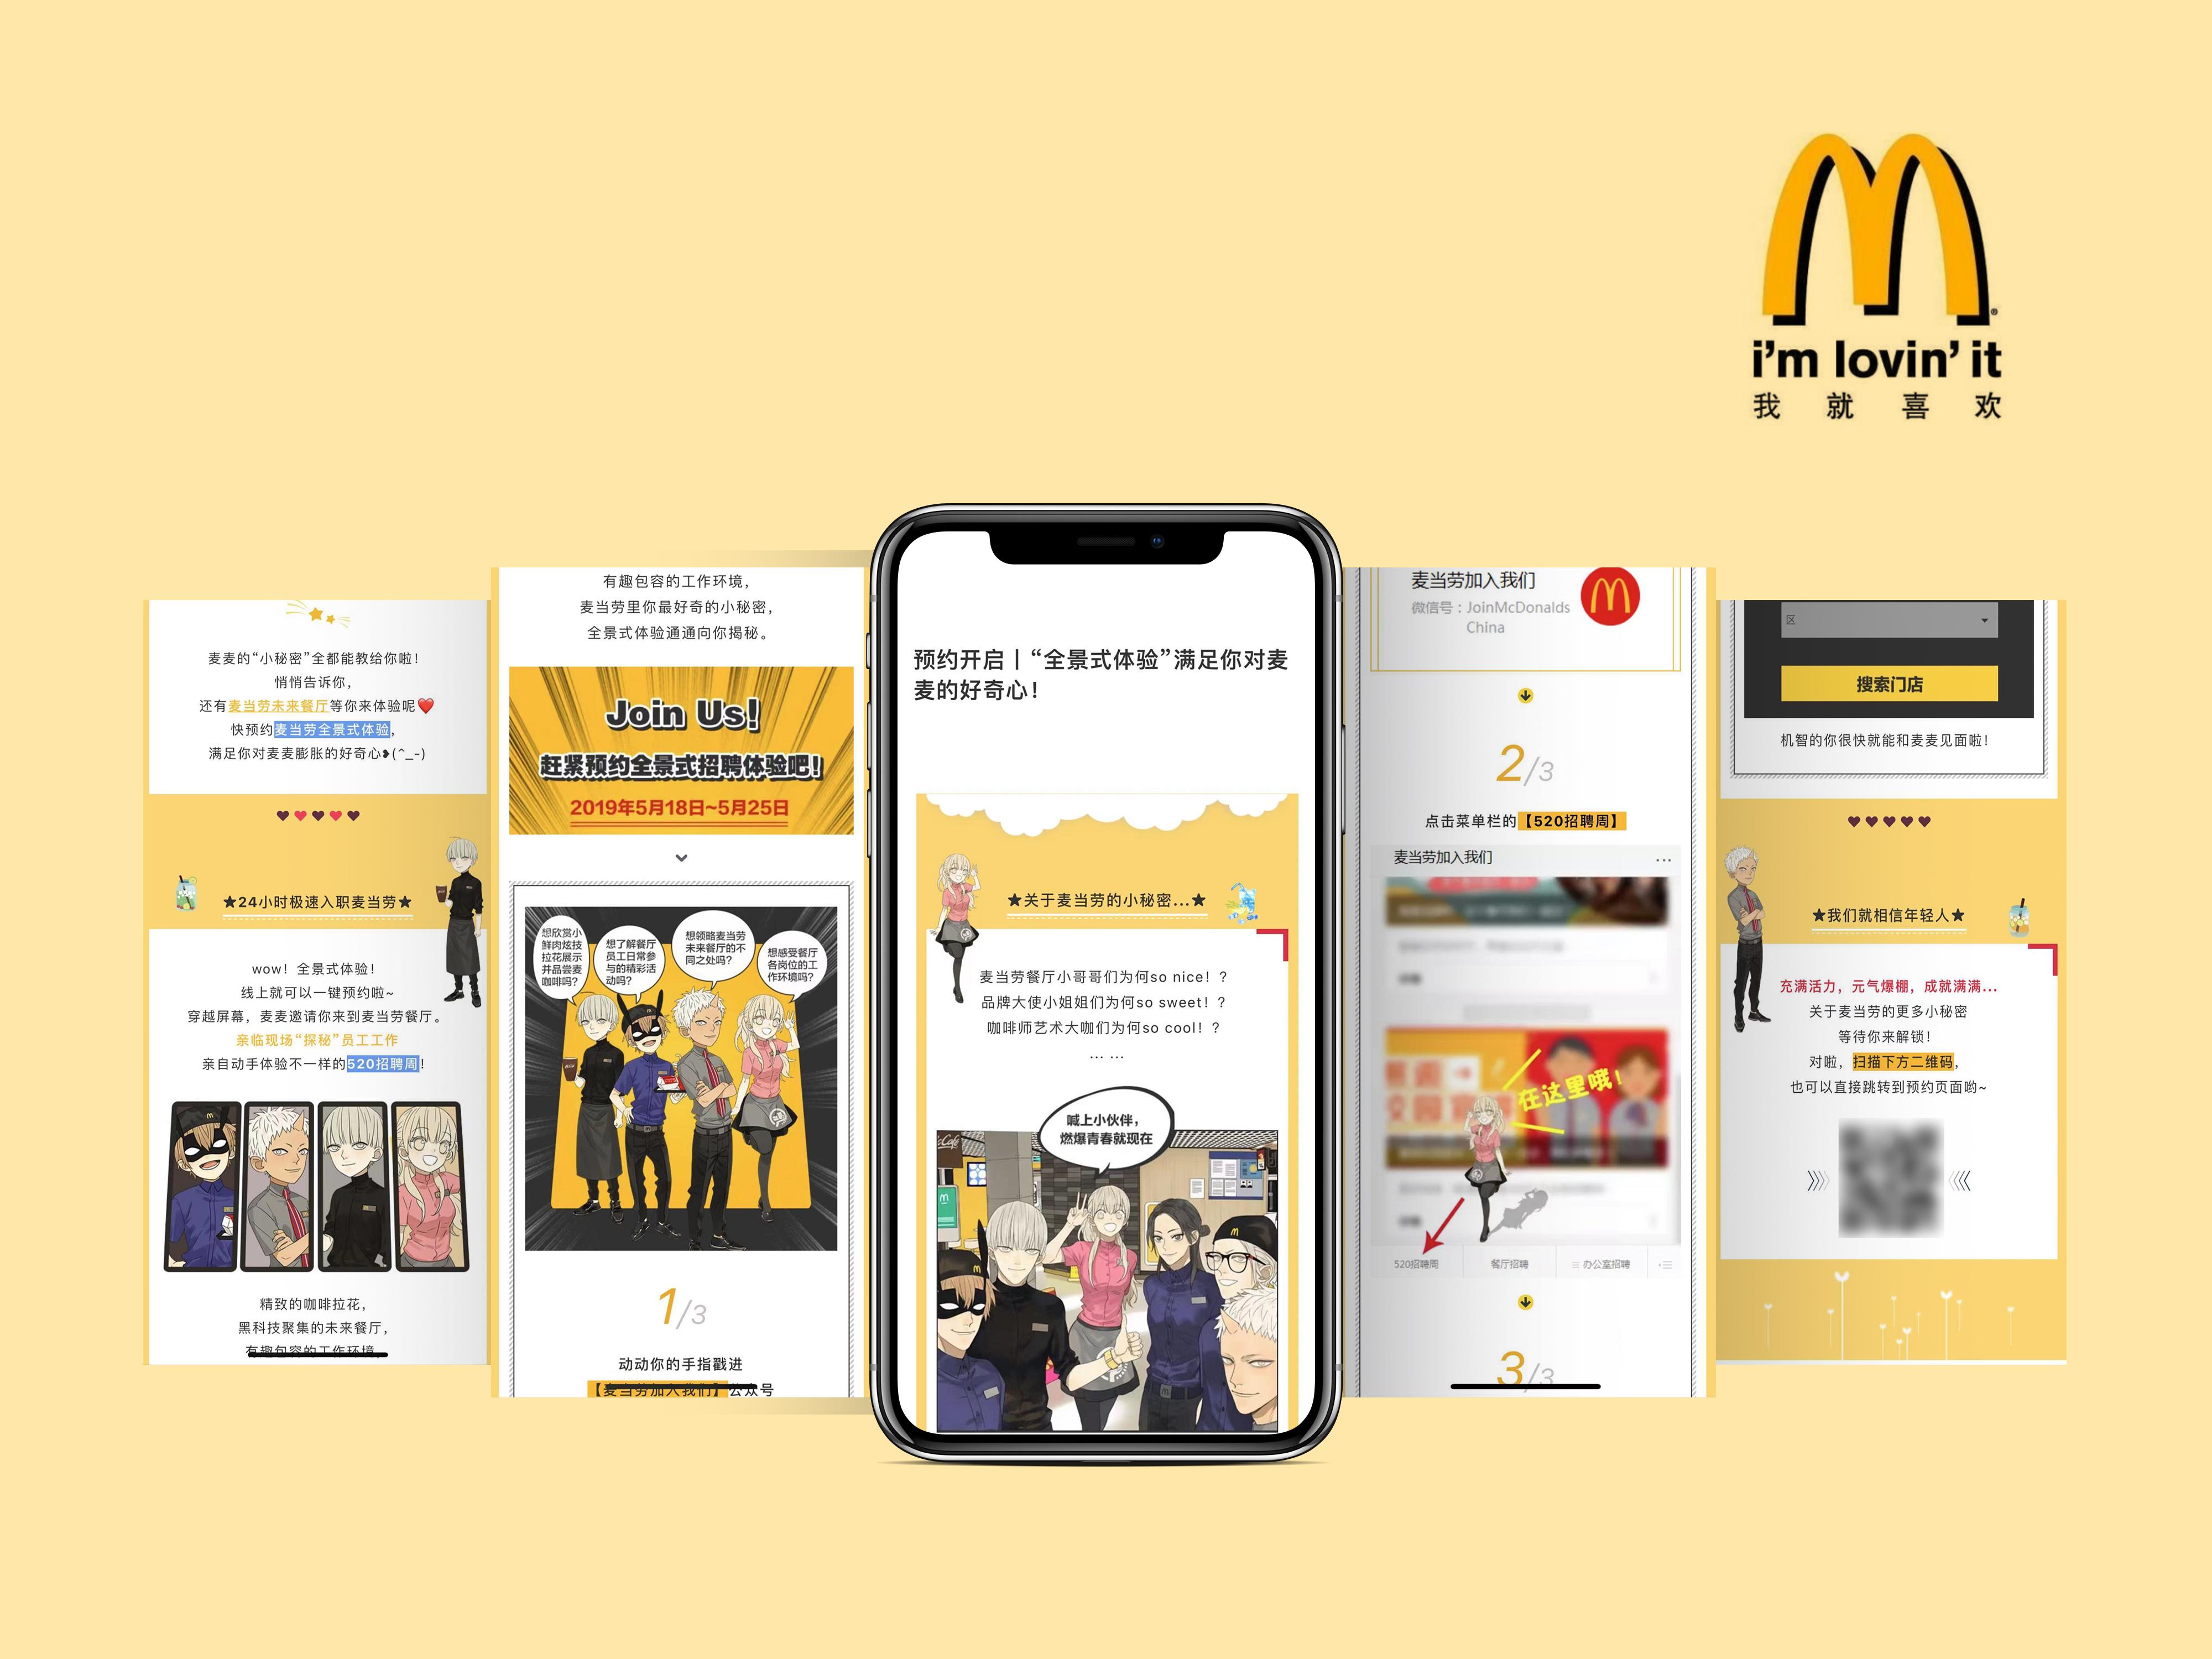 公司产品牌故事简介文案营销品牌全案策划企业文化广告语策划设计